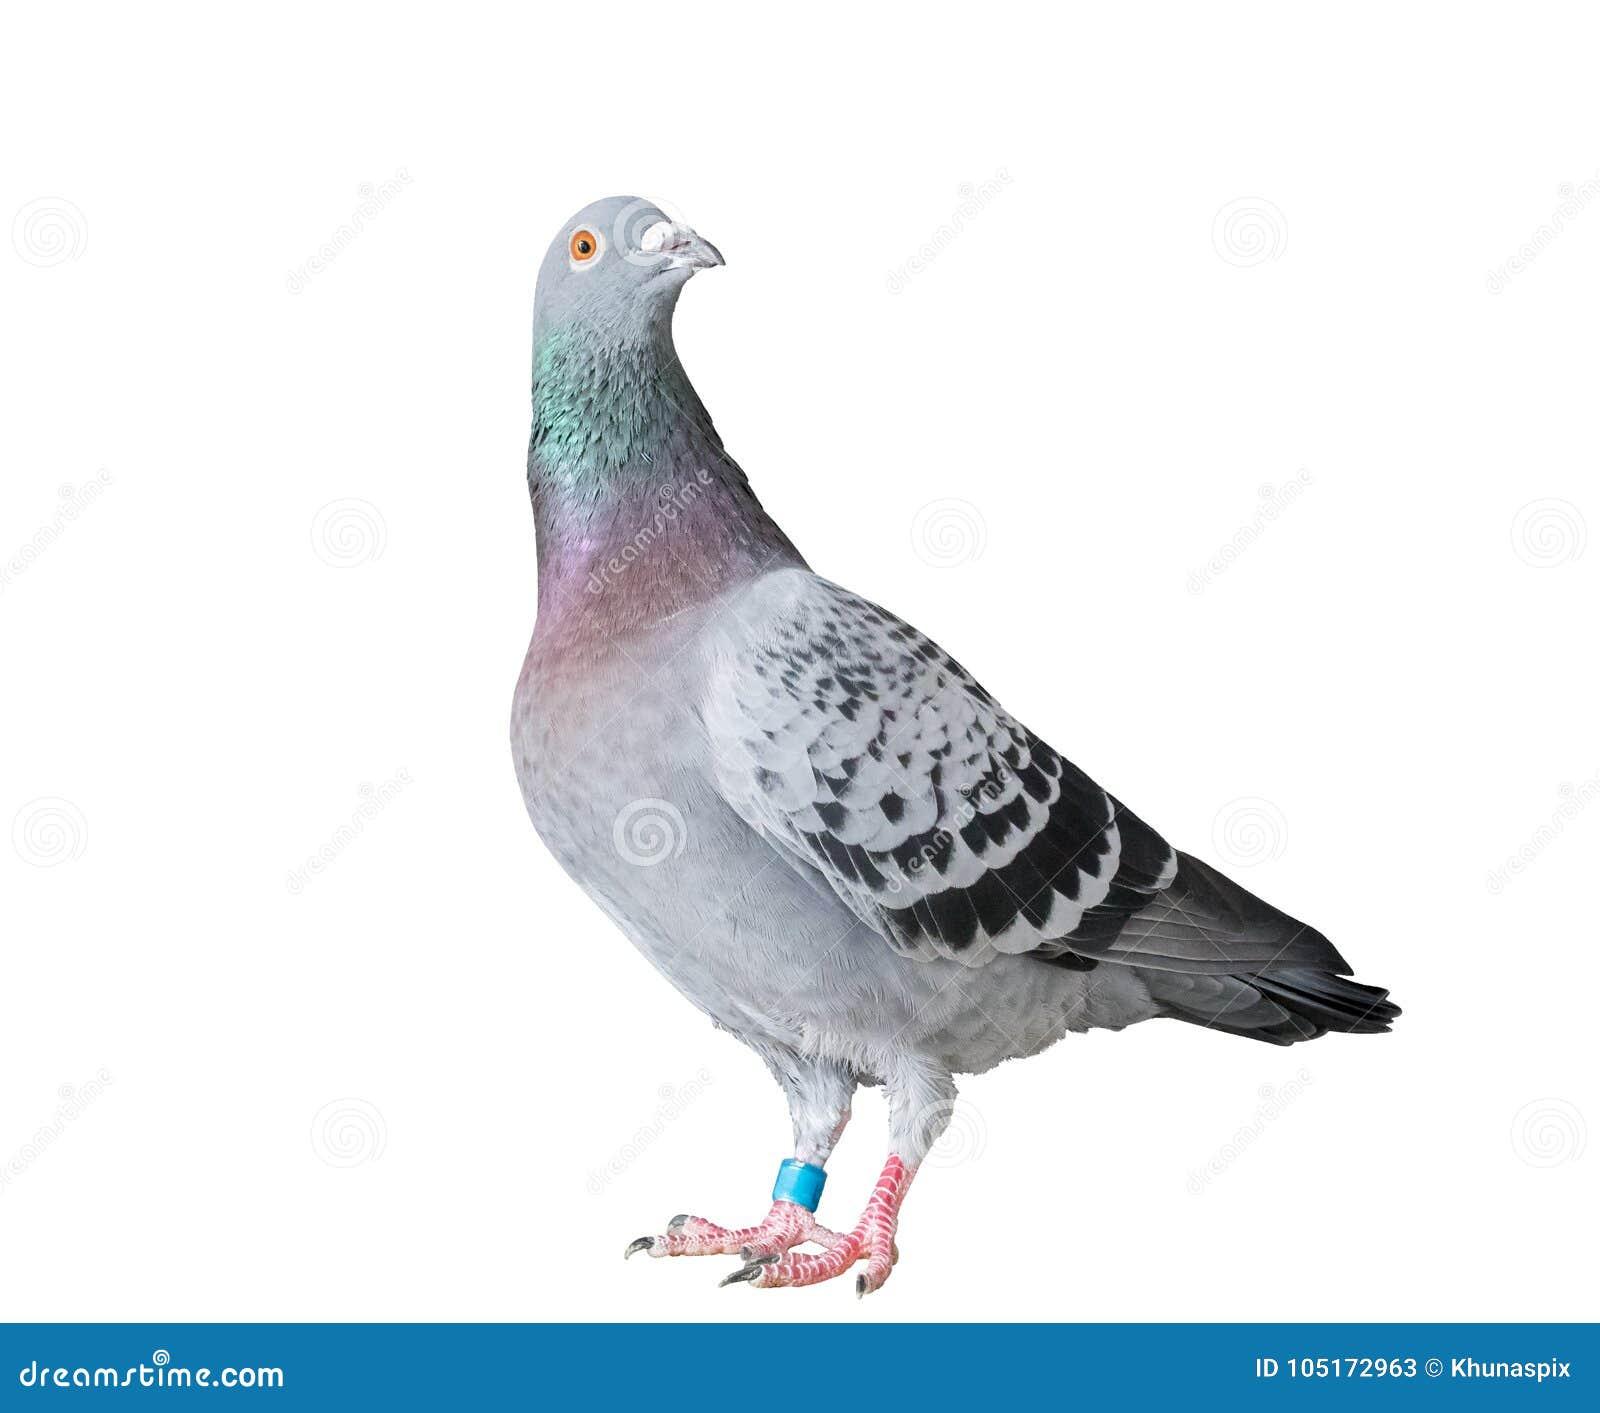 Πλήρες σώμα του απομονωμένου πουλί άσπρου υποβάθρου περιστεριών αγώνα ταχύτητας